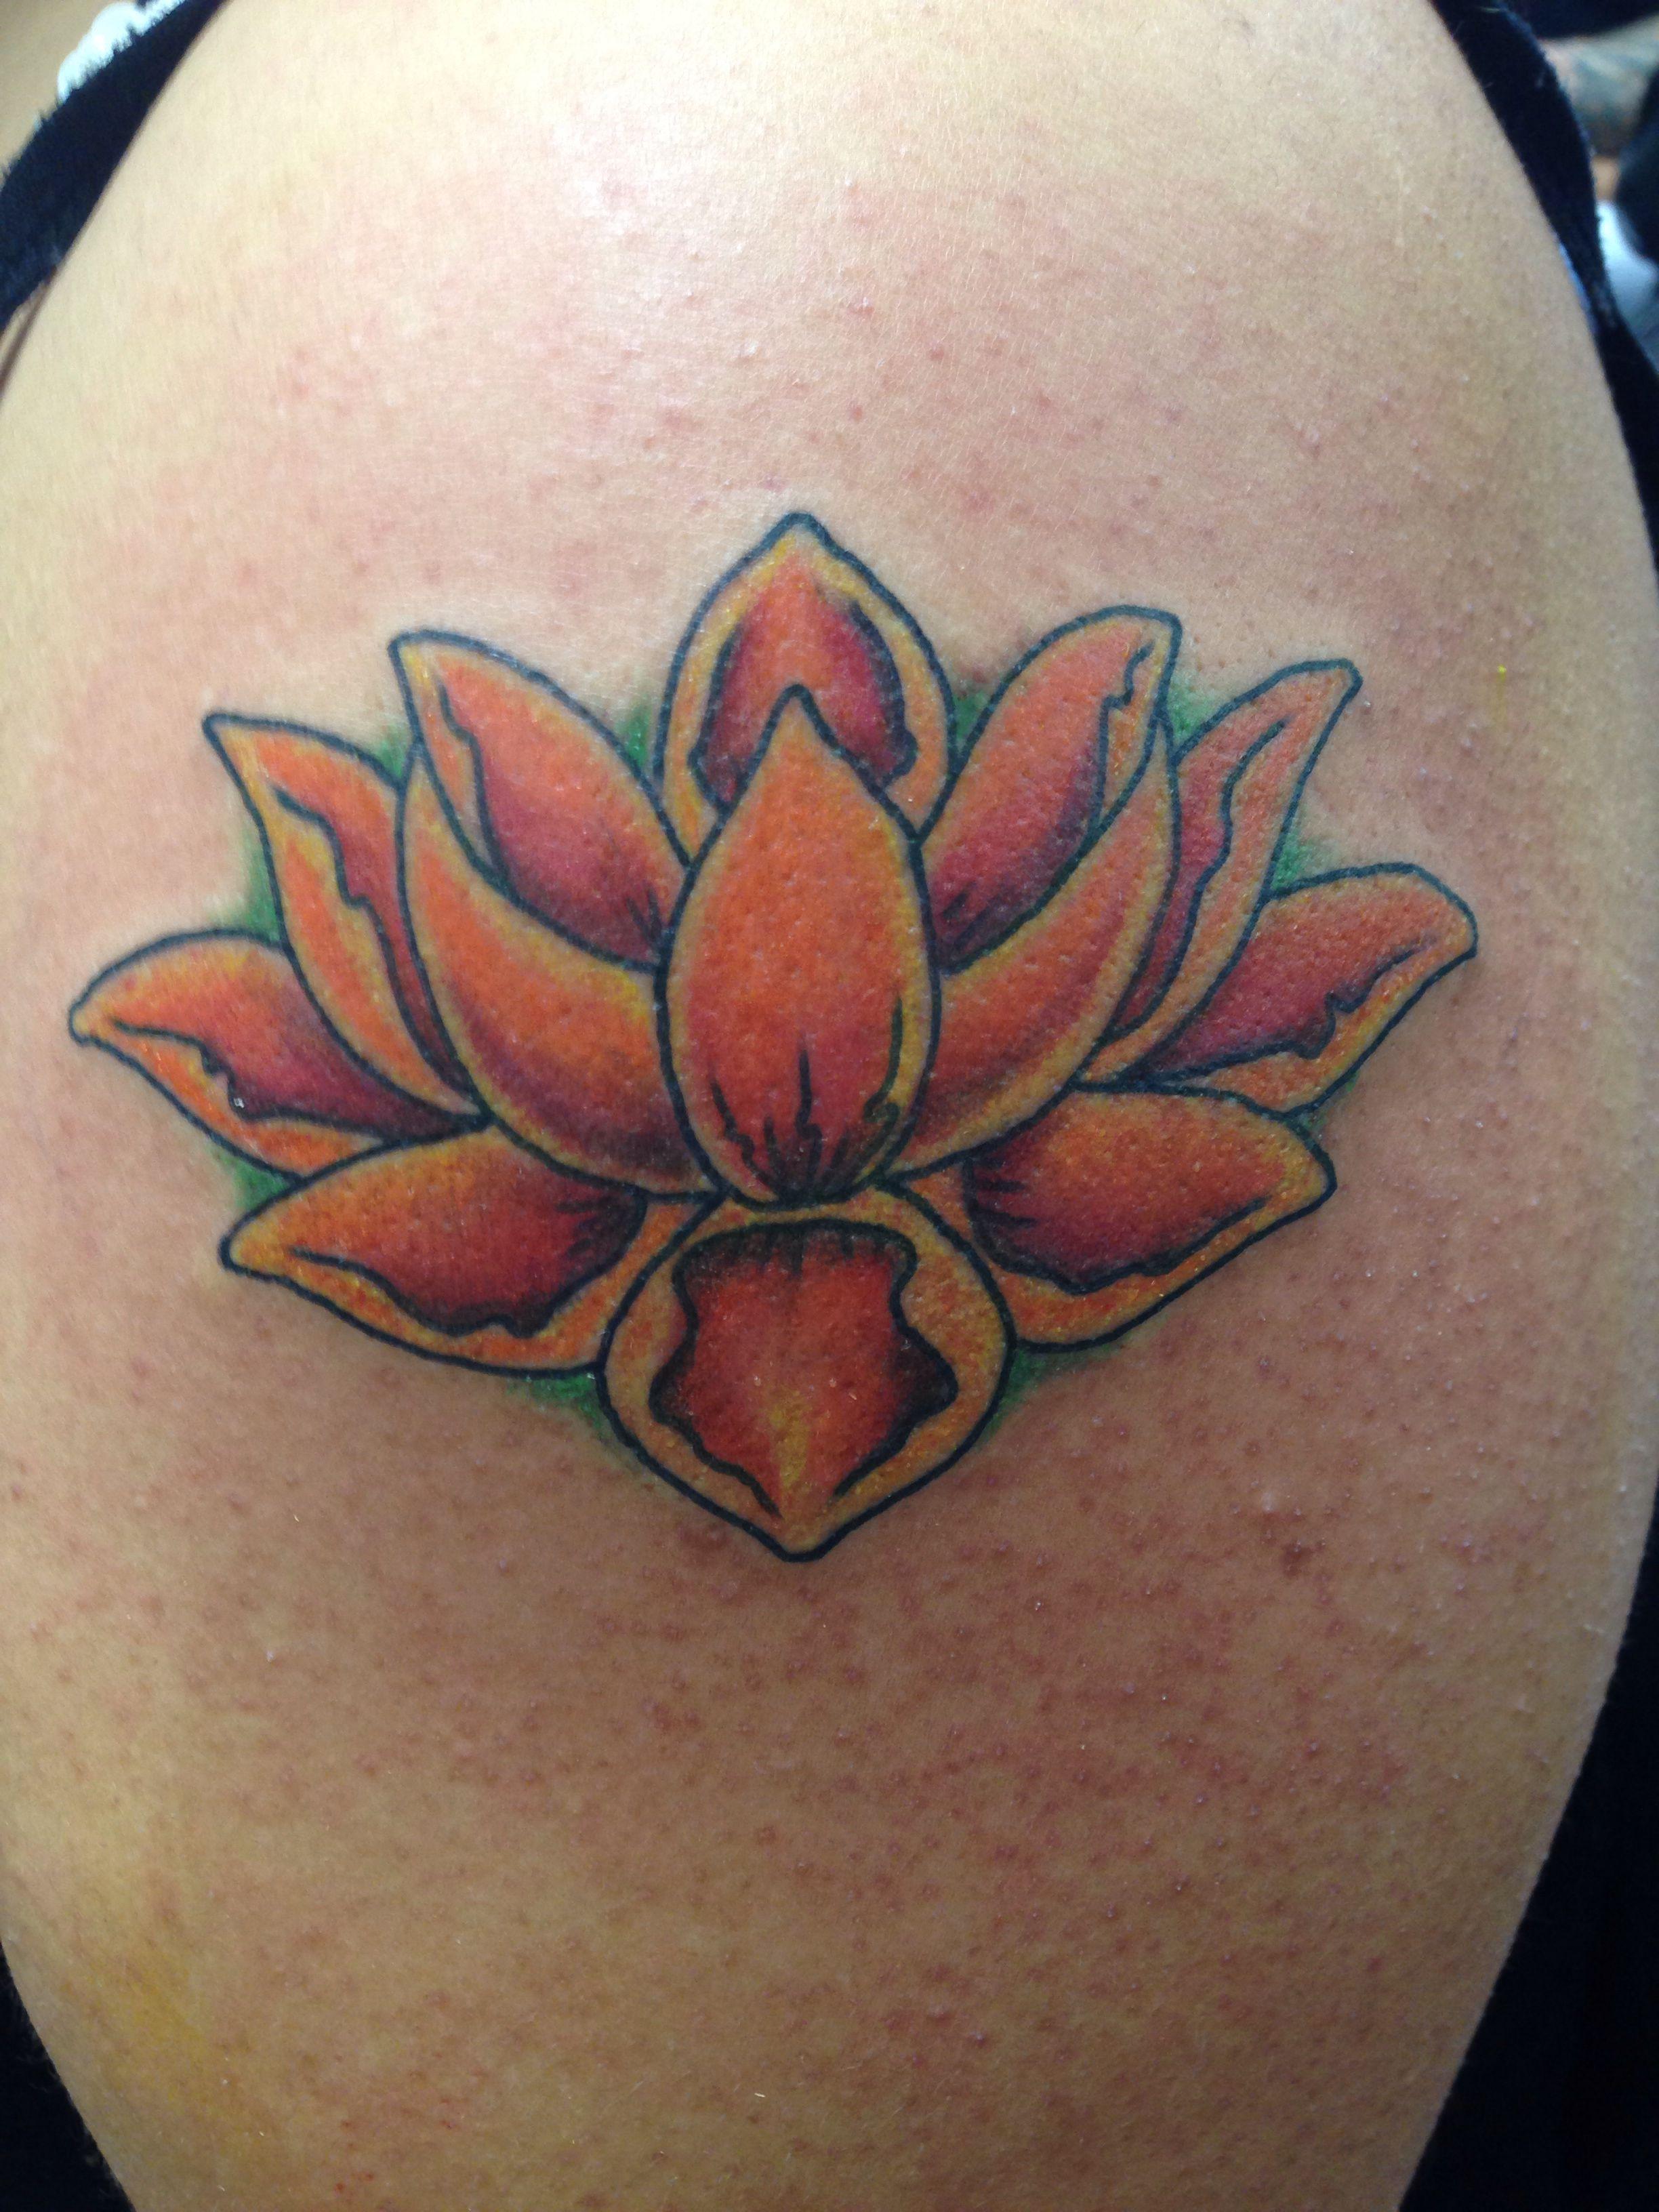 Tattoo 7 orange red lotus flower the beginning of my 12 sleeve tattoo 7 orange red lotus flower the beginning of my 1 izmirmasajfo